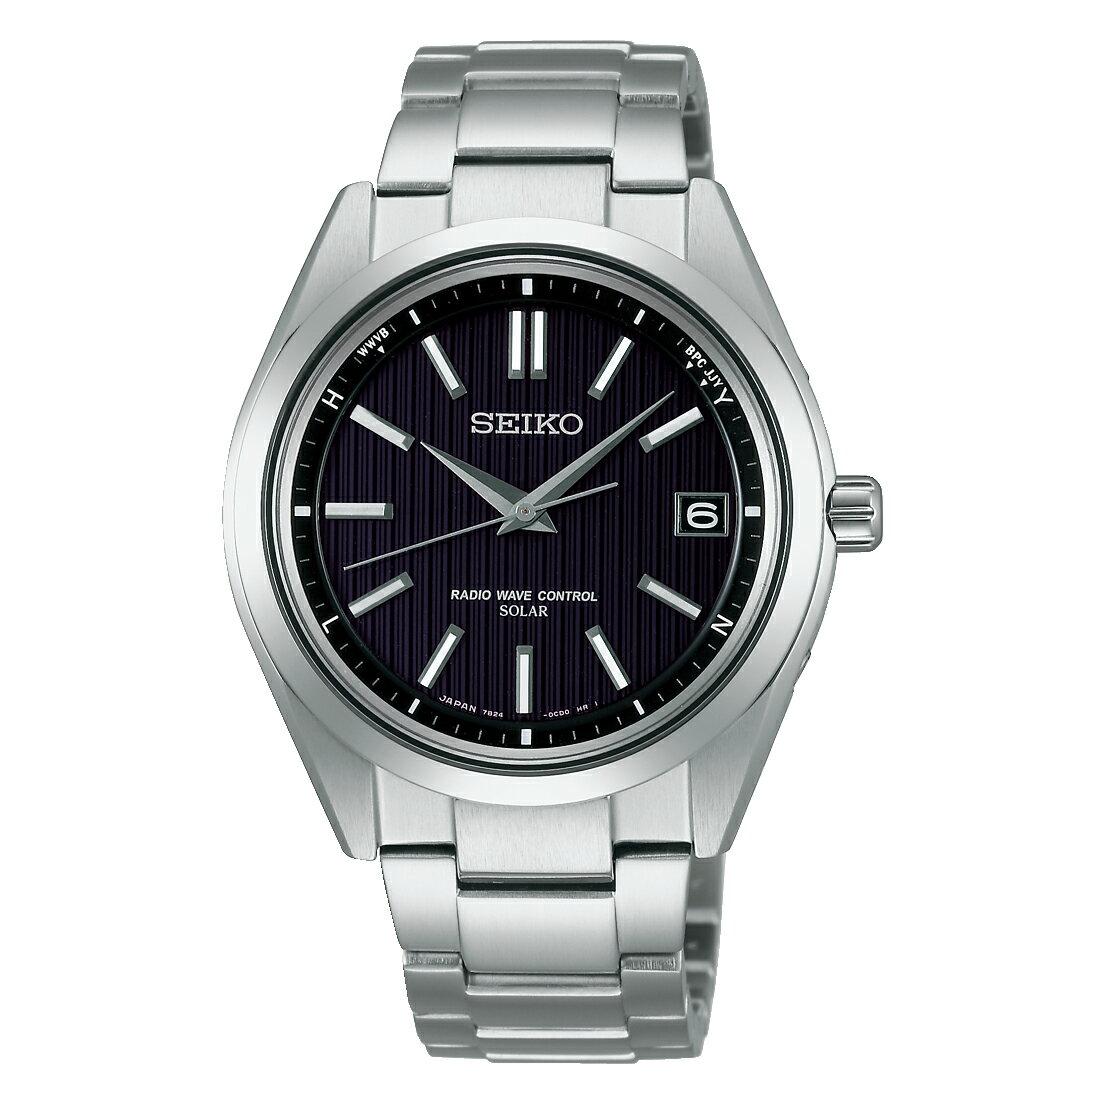 セイコー 腕時計 - ザウォッチカンパニー